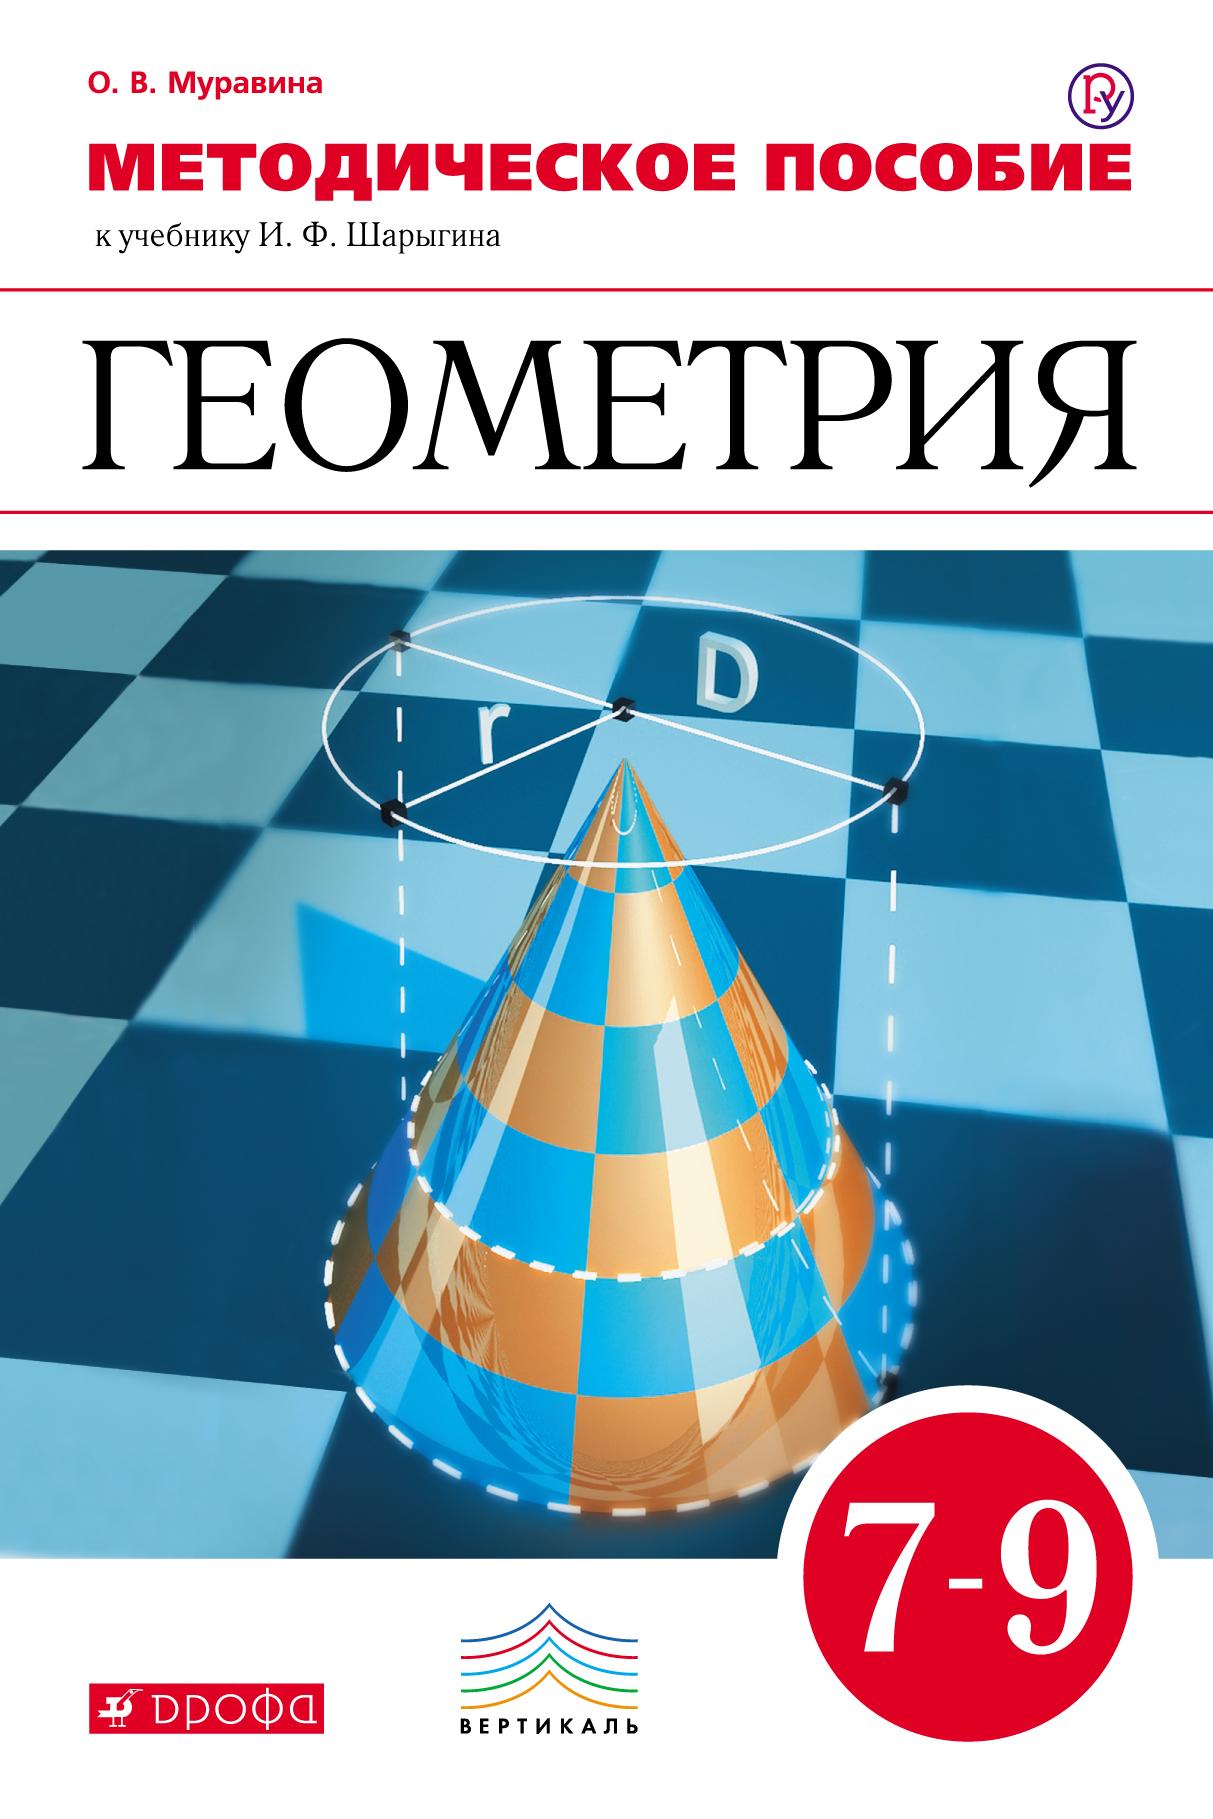 О. В. Муравина Методическое пособие к учебнику И. Ф. Шарыгина «Геометрия. 7–9 класс»